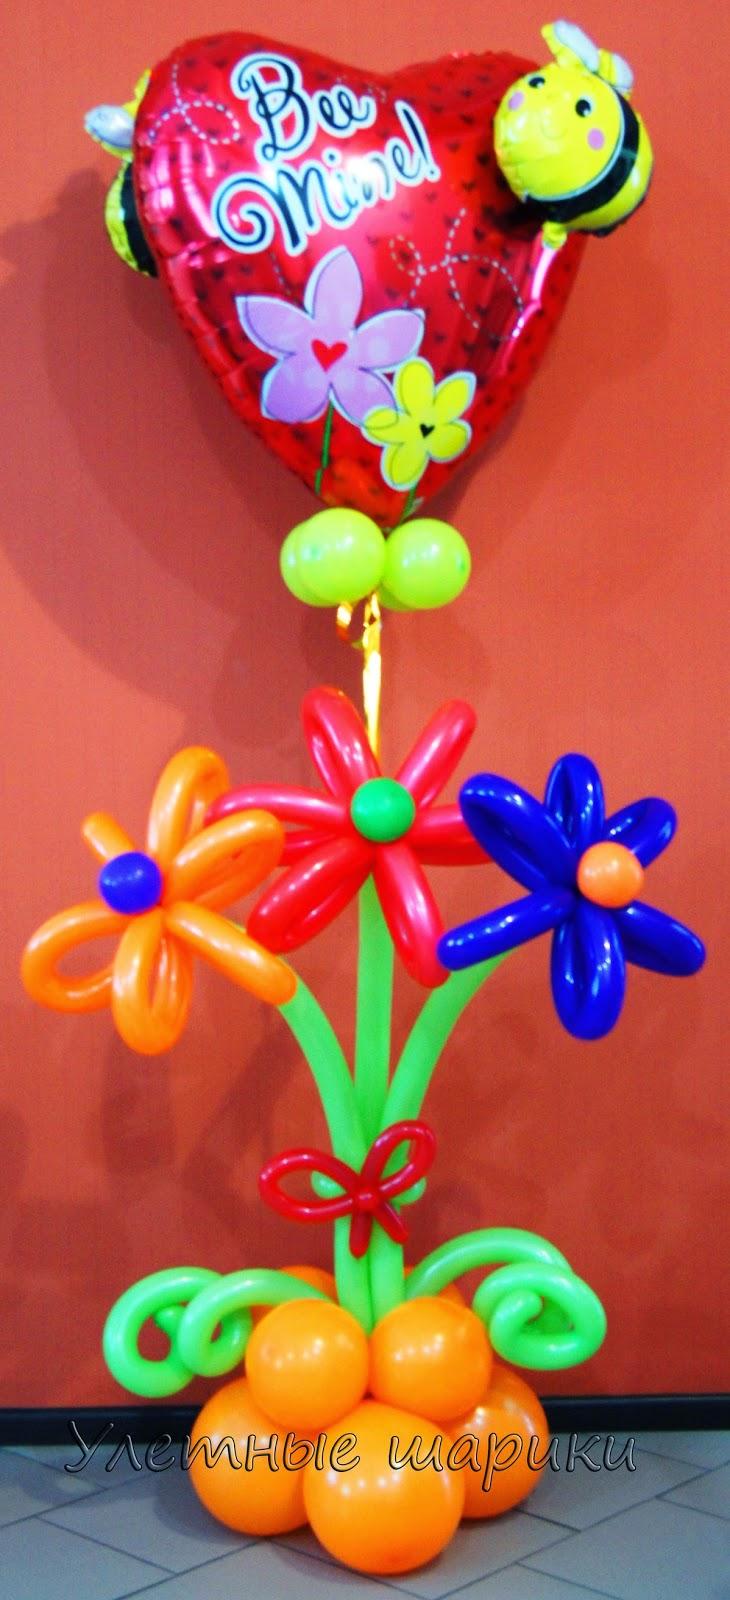 Букет с цветами и пчелкой  из воздушных шариков